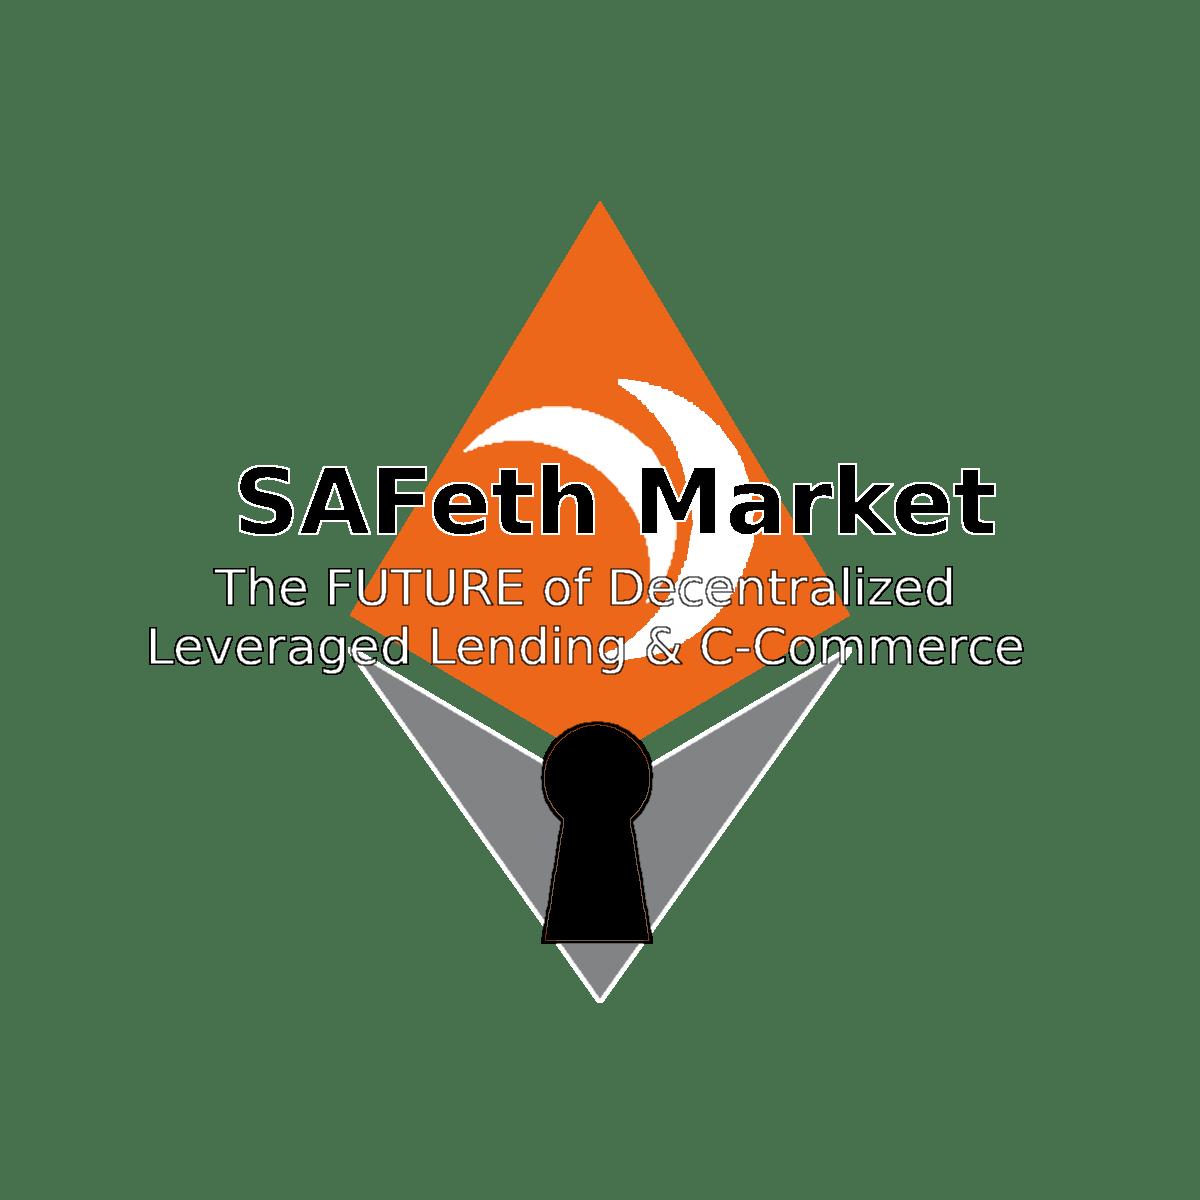 SAFethMarket